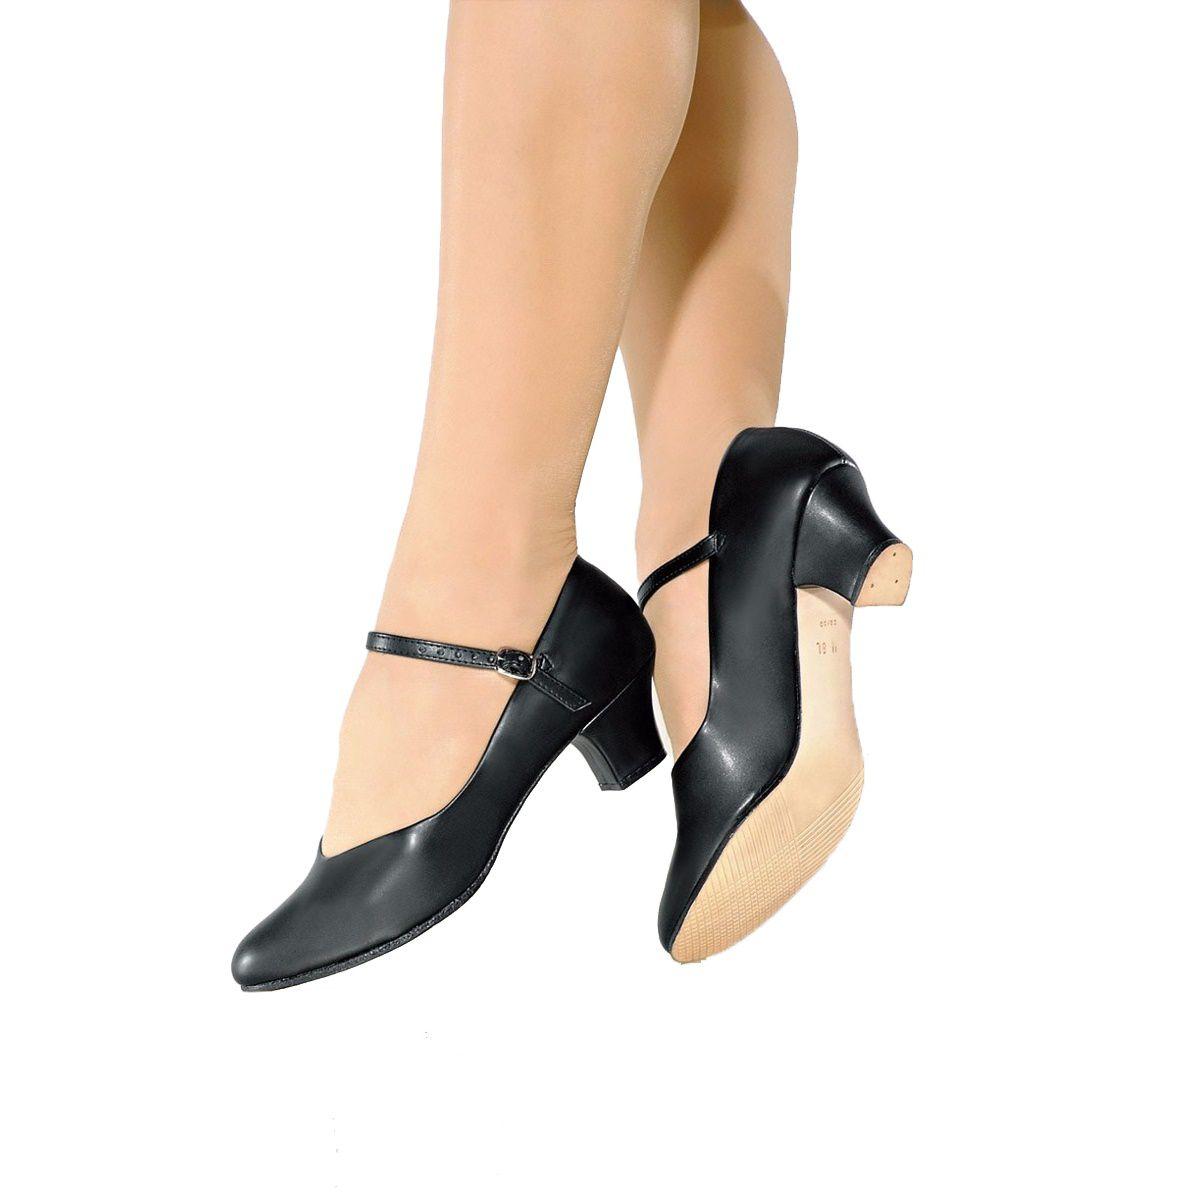 edeb5b3751 Sapato Dança De Salão Só Dança Napa Salto 5cm Preto - SPORT CENTER JARAGUÁ